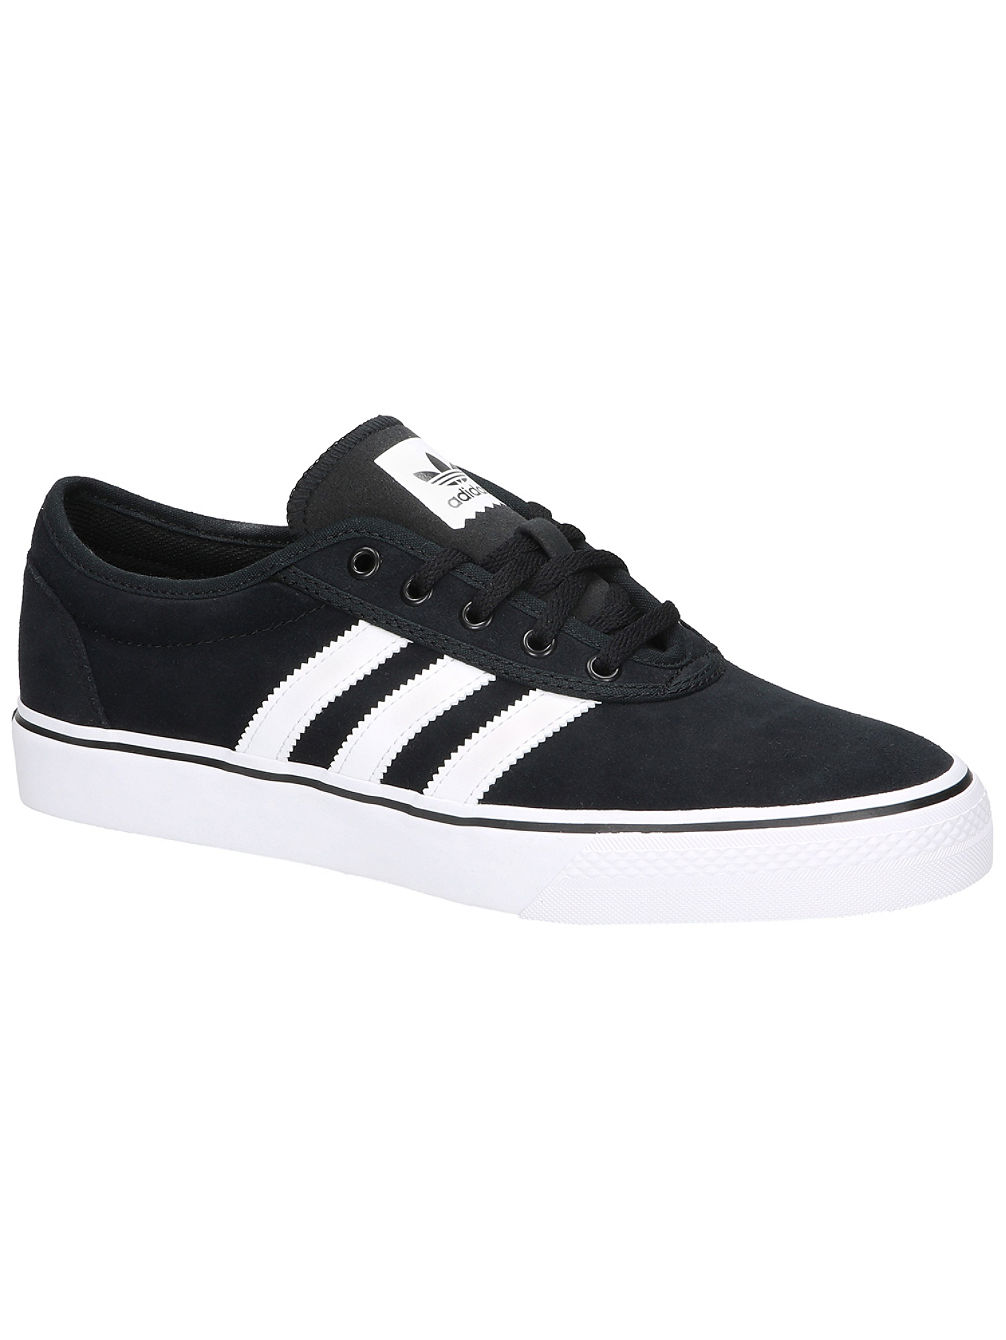 size 40 67e11 f2f78 Compra adidas Skateboarding Adi Ease Scarpe da Skate online su Blue Tomato